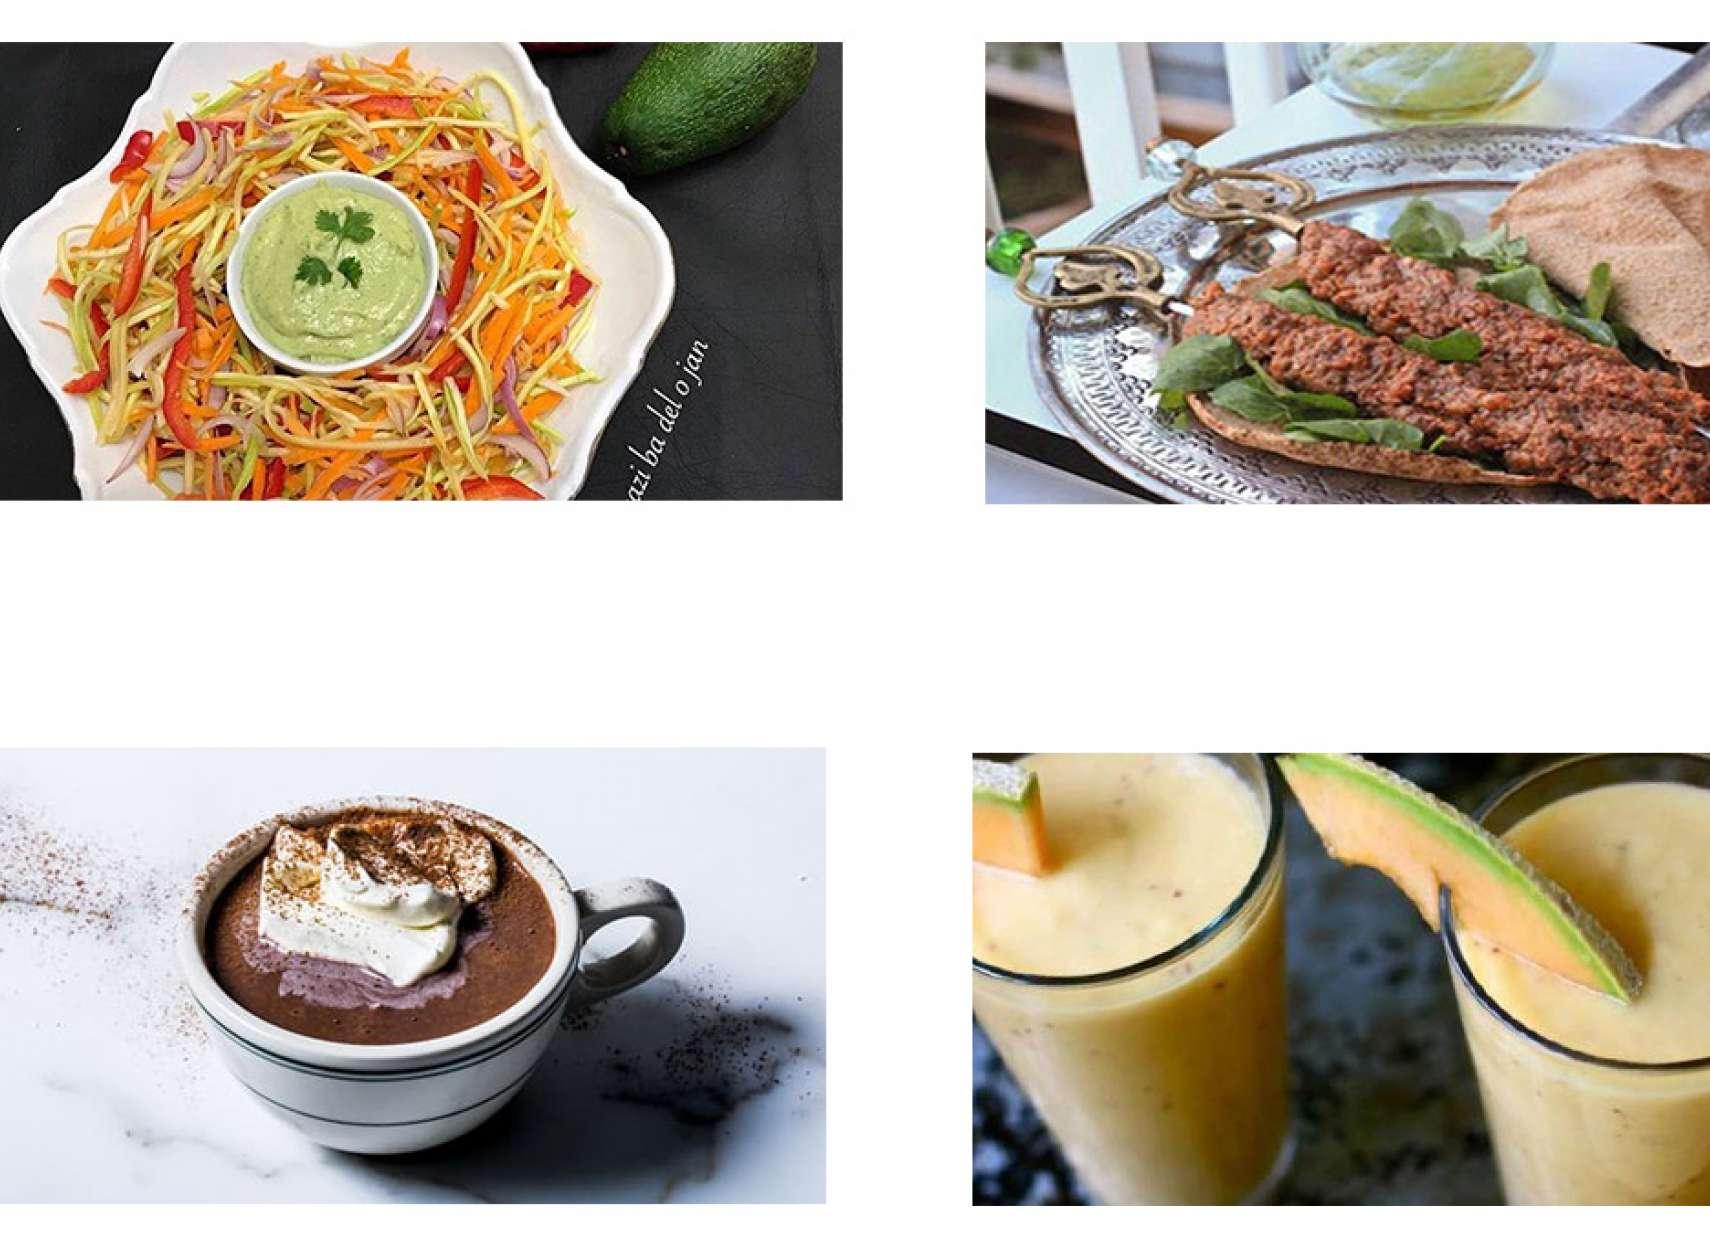 آشپزی-ترابی-سالاد-کدو-و-هویج-کباب-موهامورا-شیرطالبی-هاتچاکلت